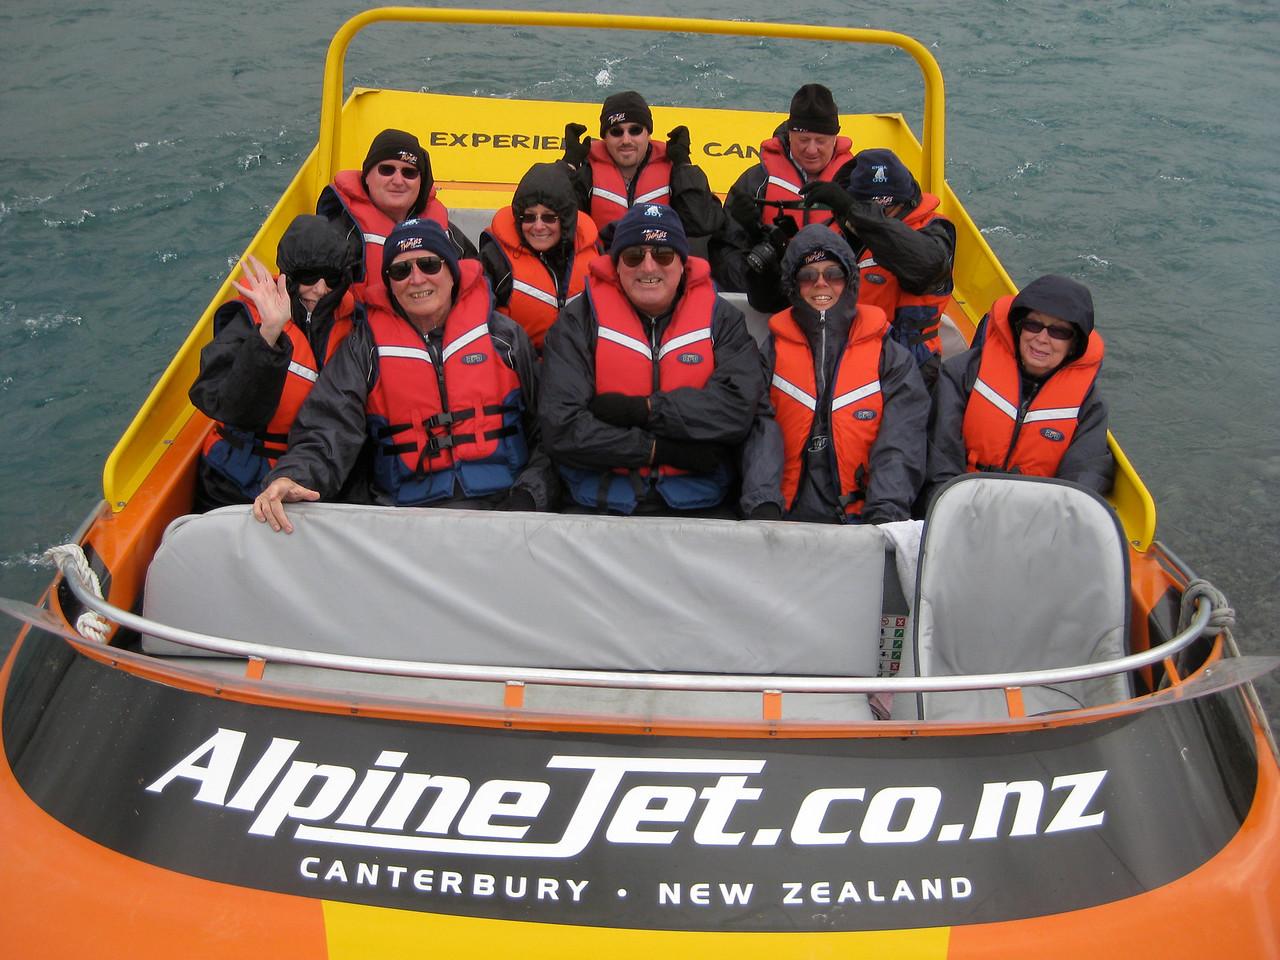 hamilton jet boat does 90khr